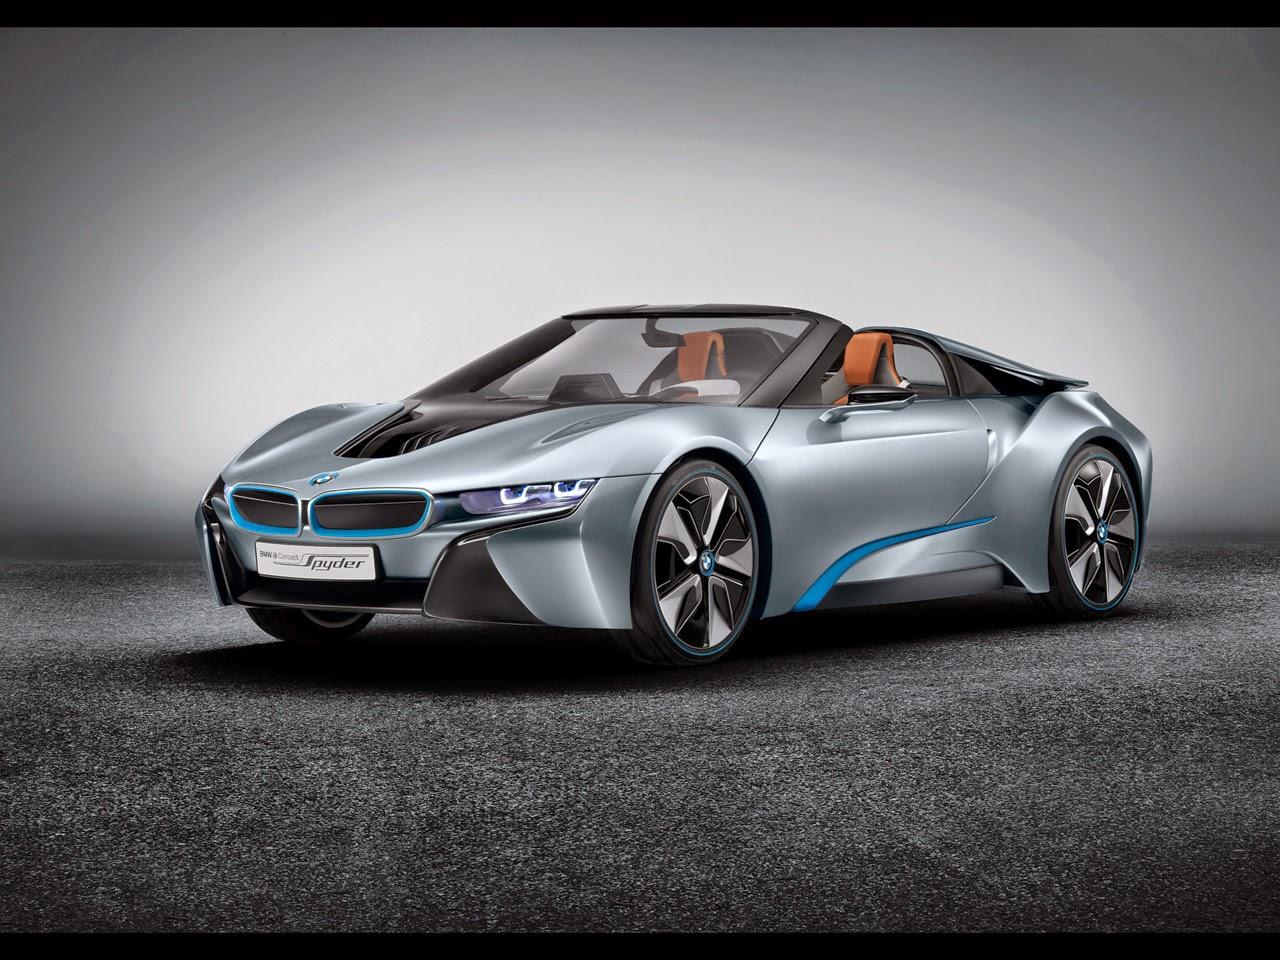 BMW i8 Concept Car Model 2012